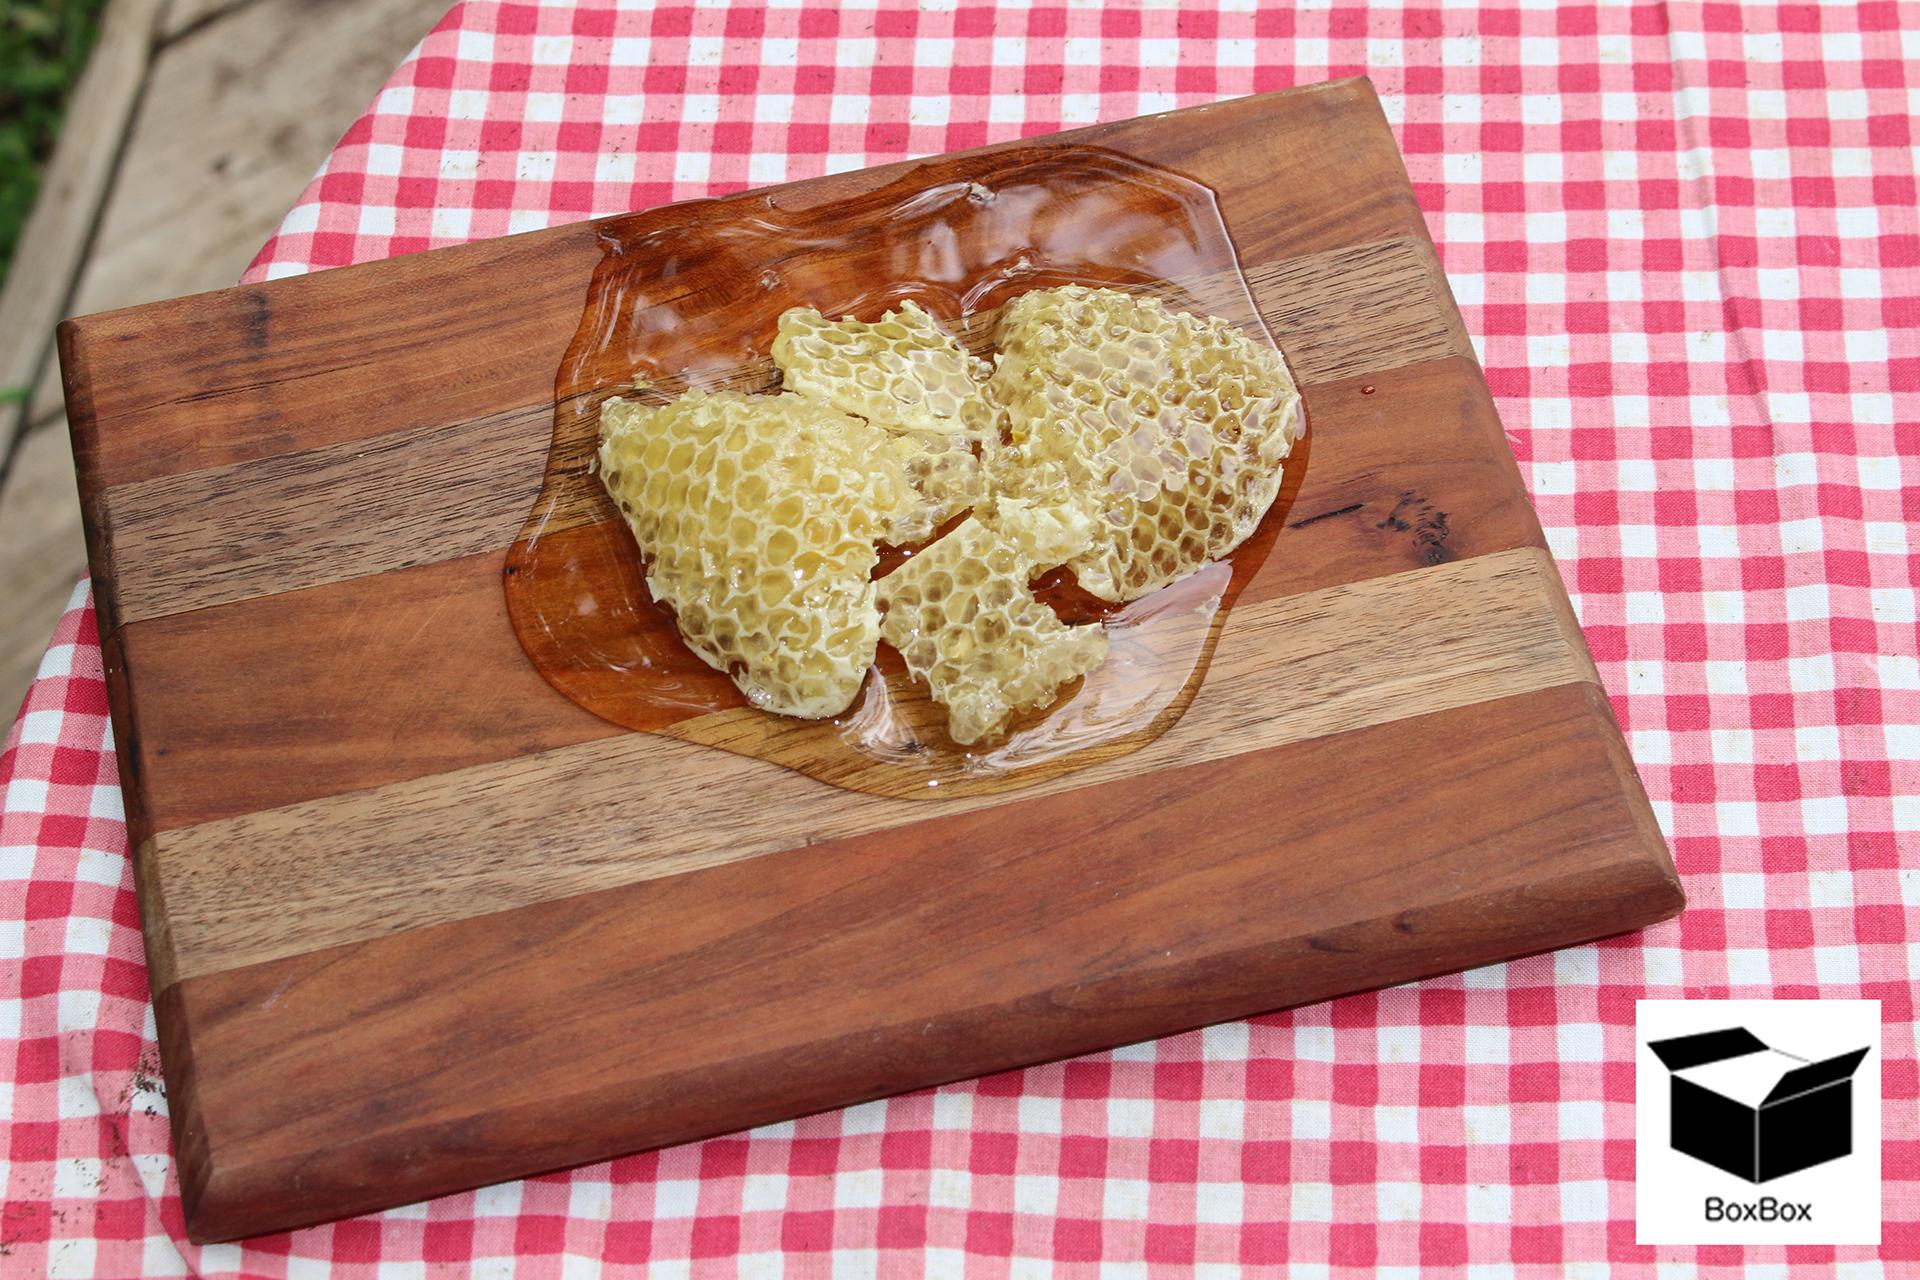 آیا خوردن همزمان خربزه و عسل خطرناک است ؟